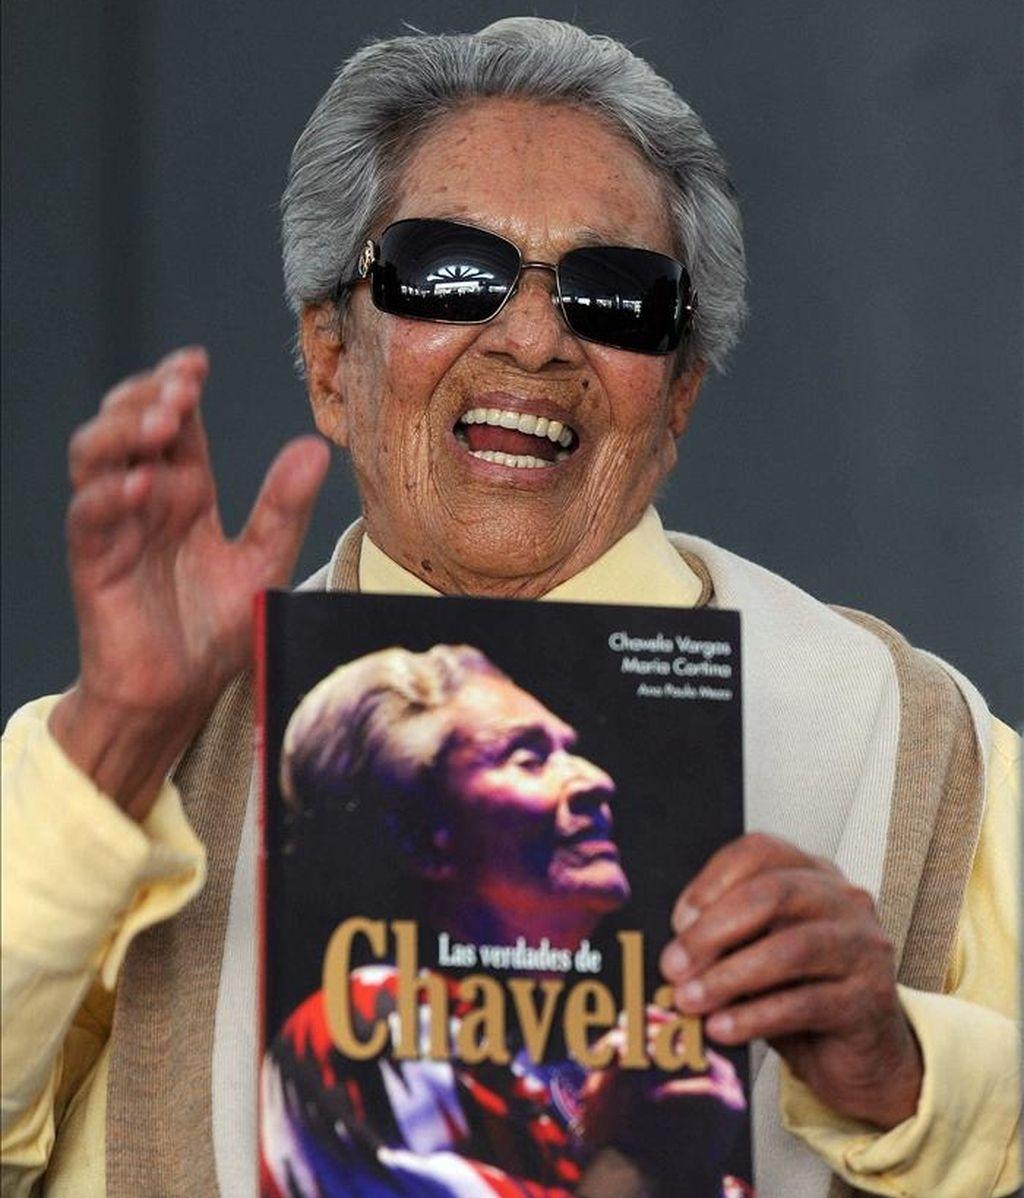 La cantante Chavela Vargas. EFE/Archivo